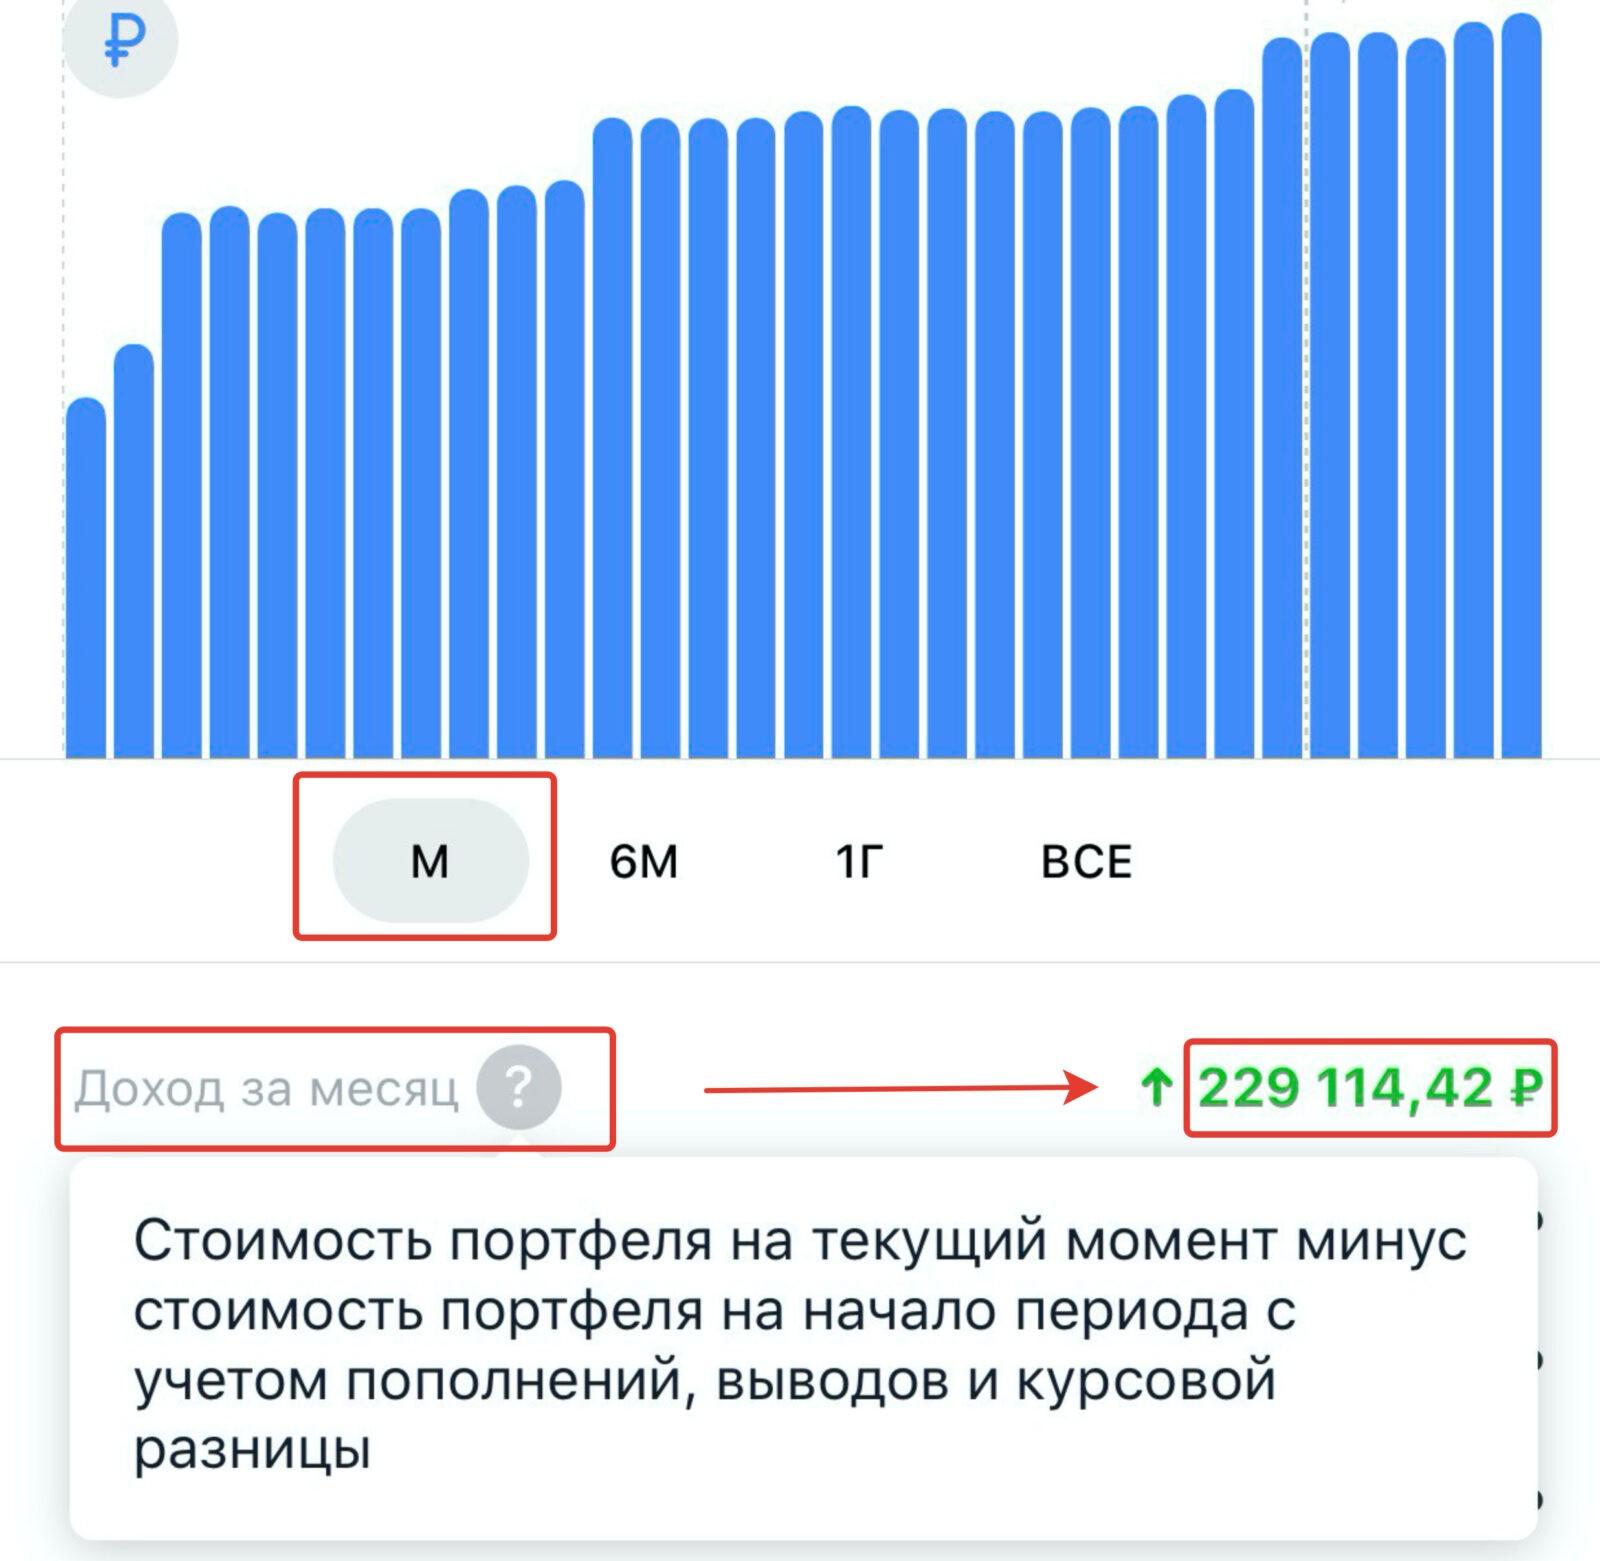 2020 08 05 12 02 46 - Отчет за июль 2020 или финансовый стриптиз